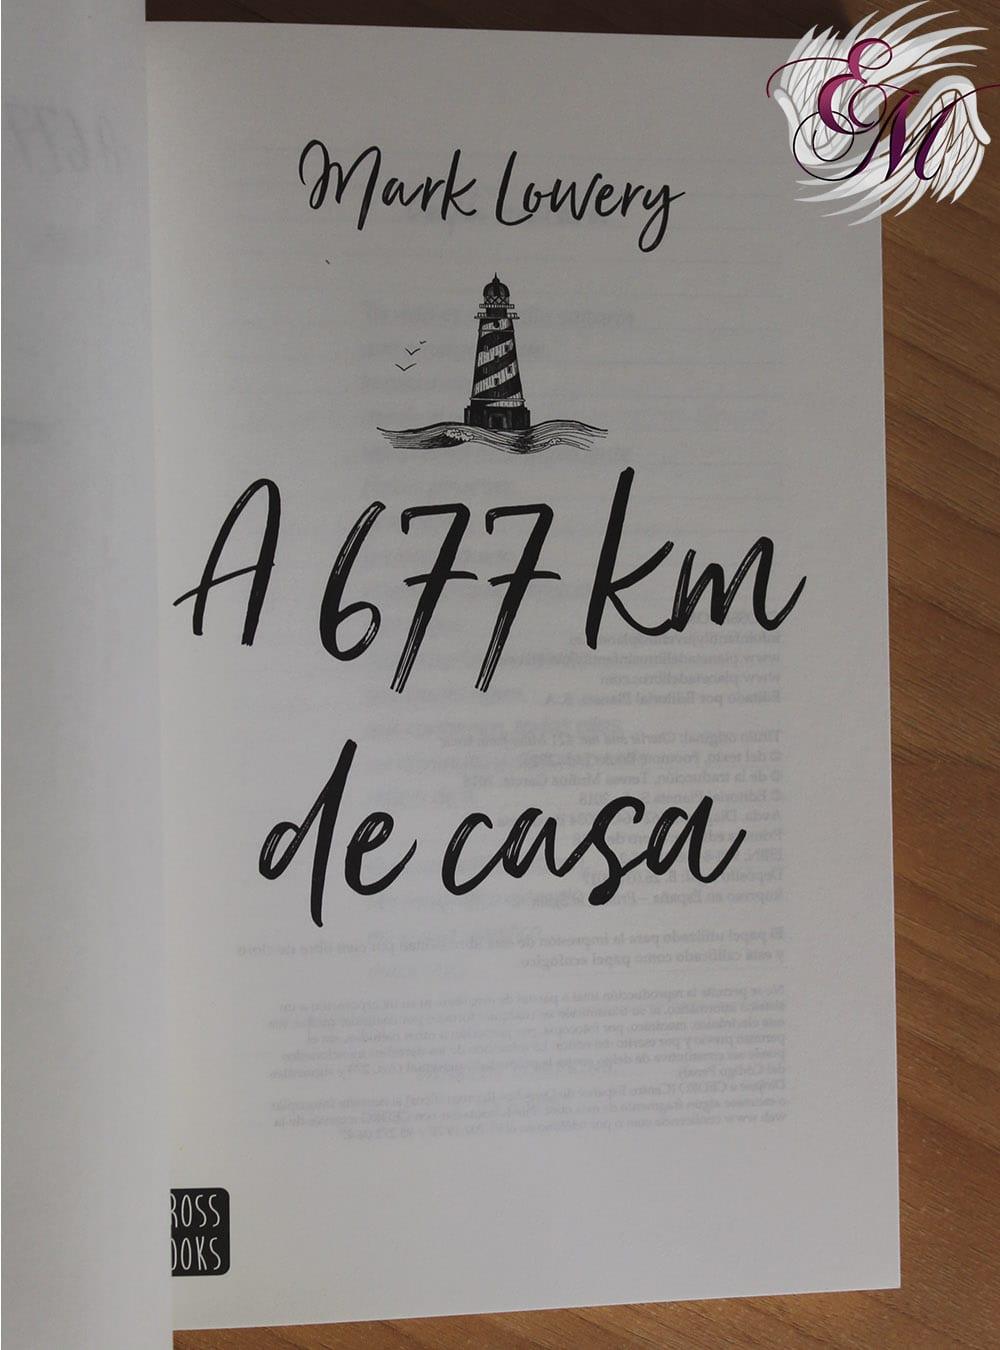 A 677 km de casa, de Mark Lowery - Reseña